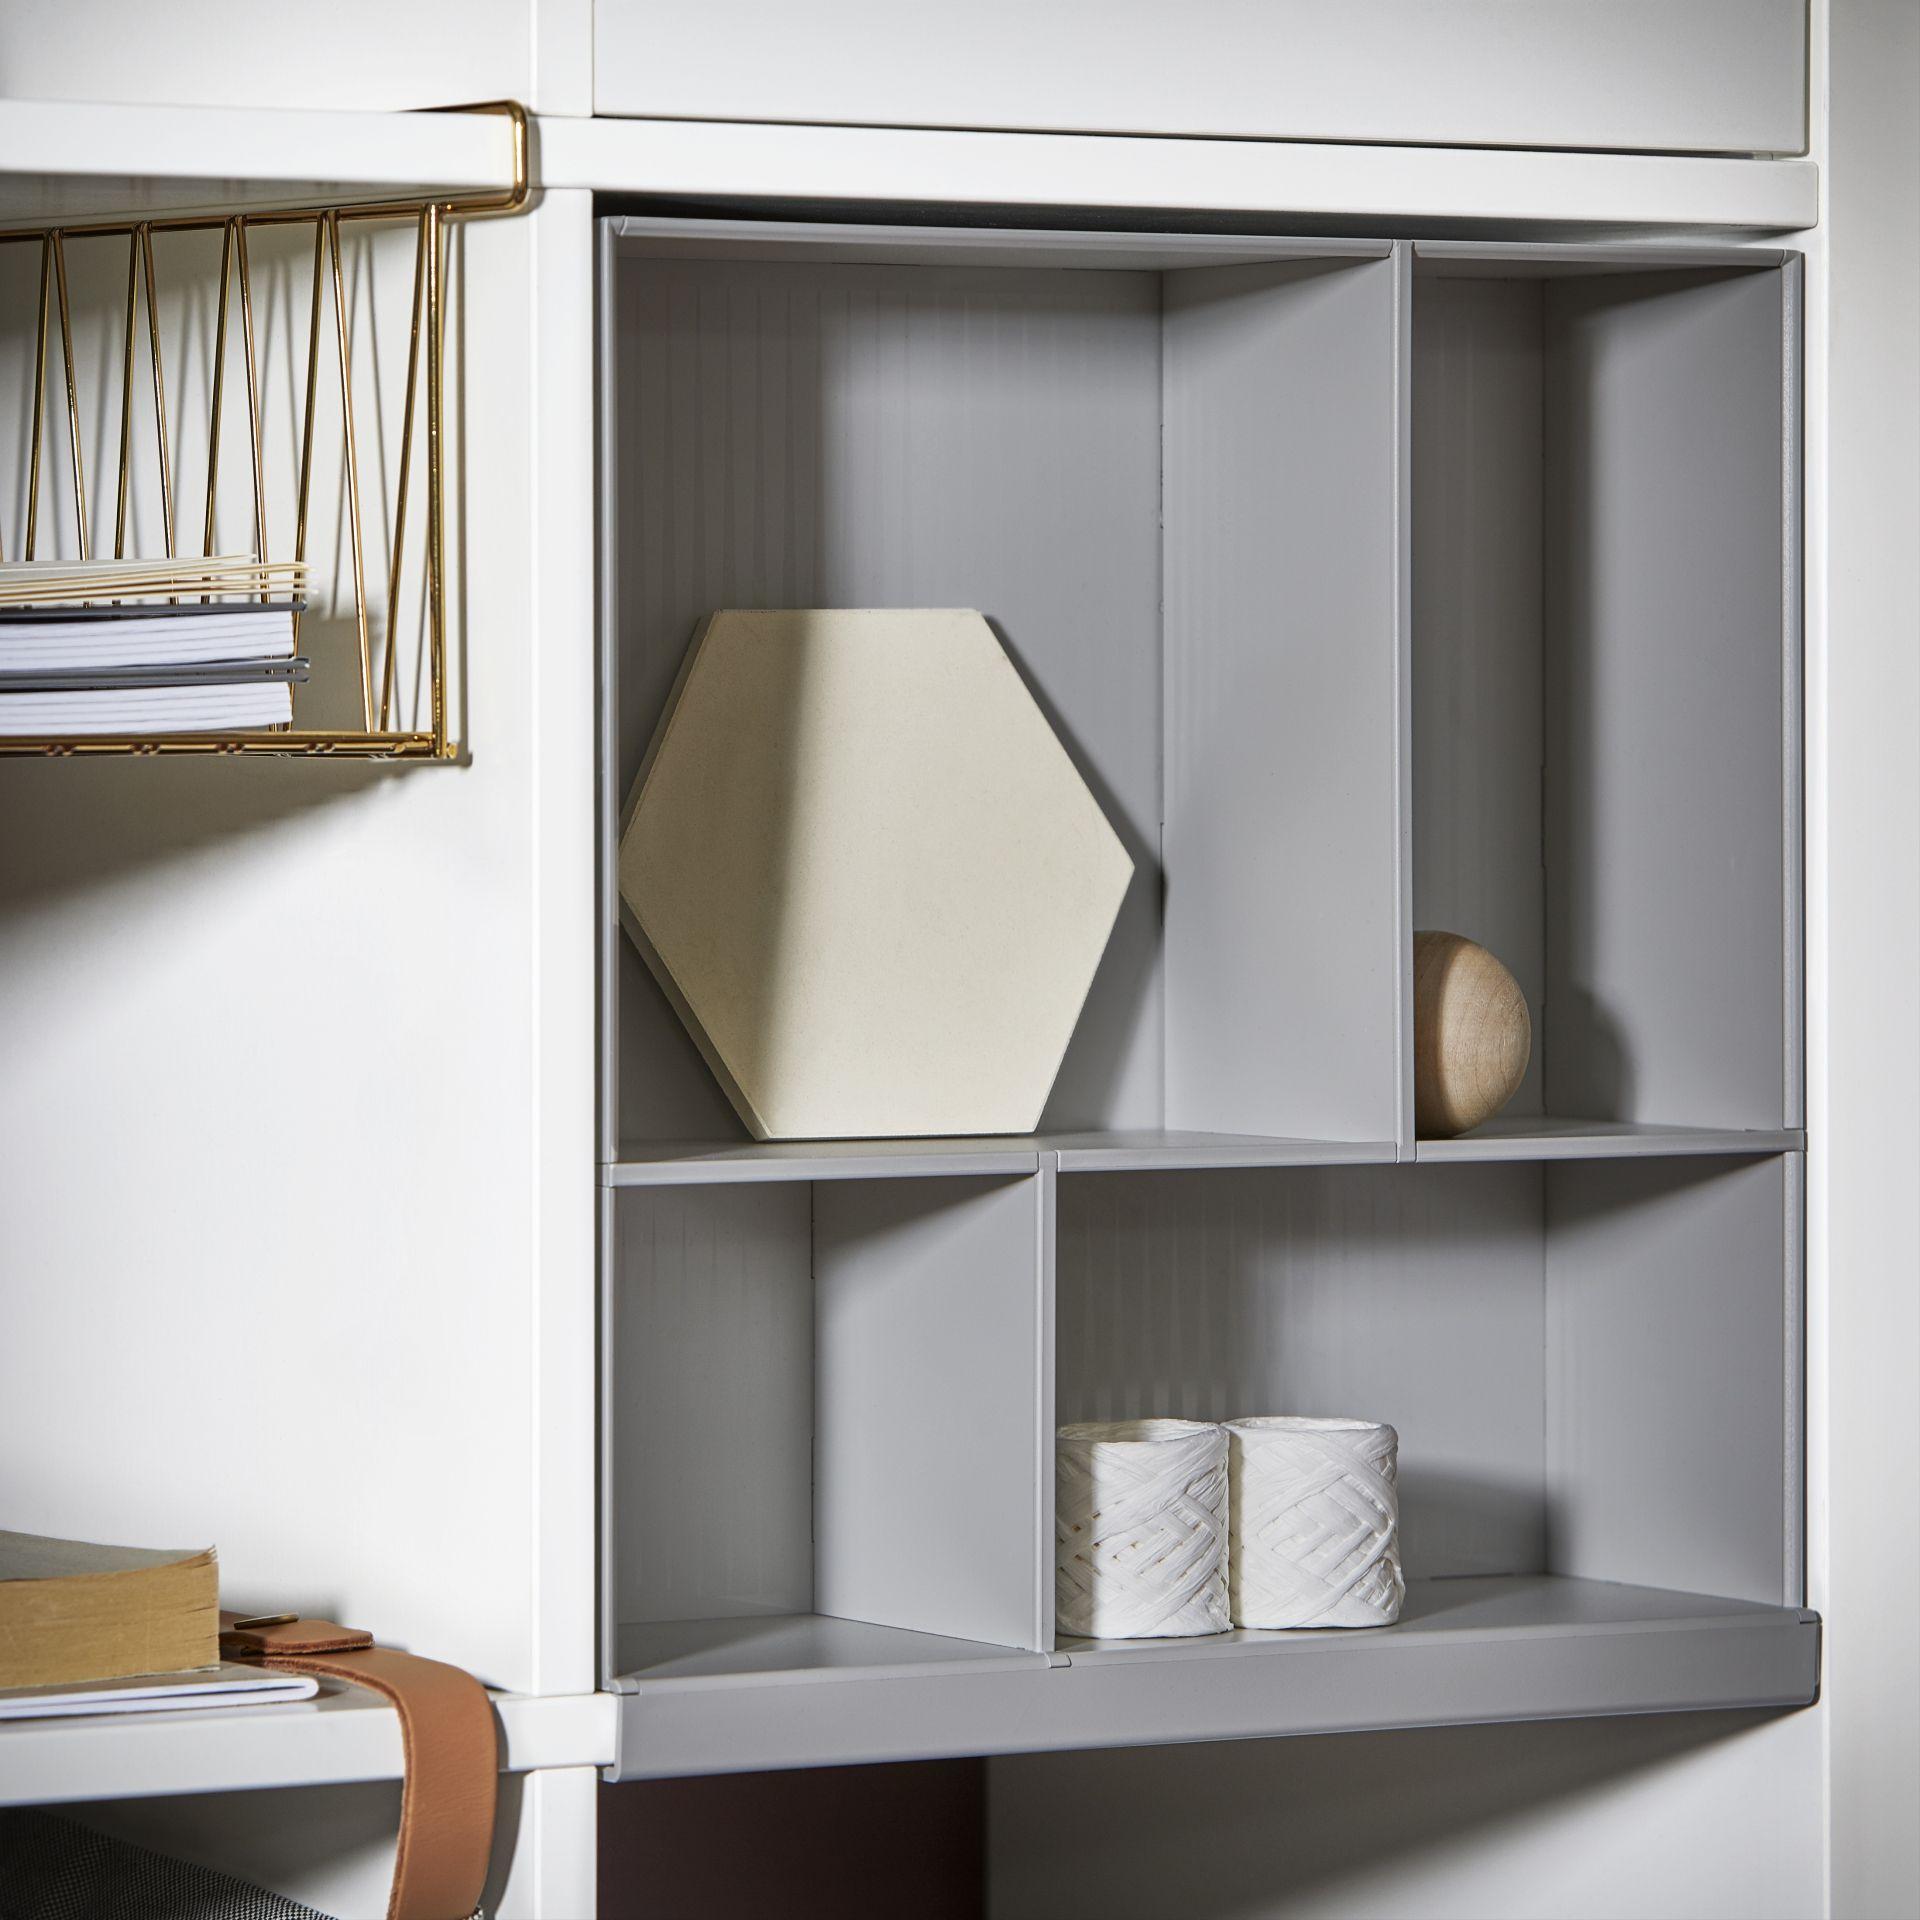 kallax inzet voor open kast ikea ikeanl kallax kast. Black Bedroom Furniture Sets. Home Design Ideas